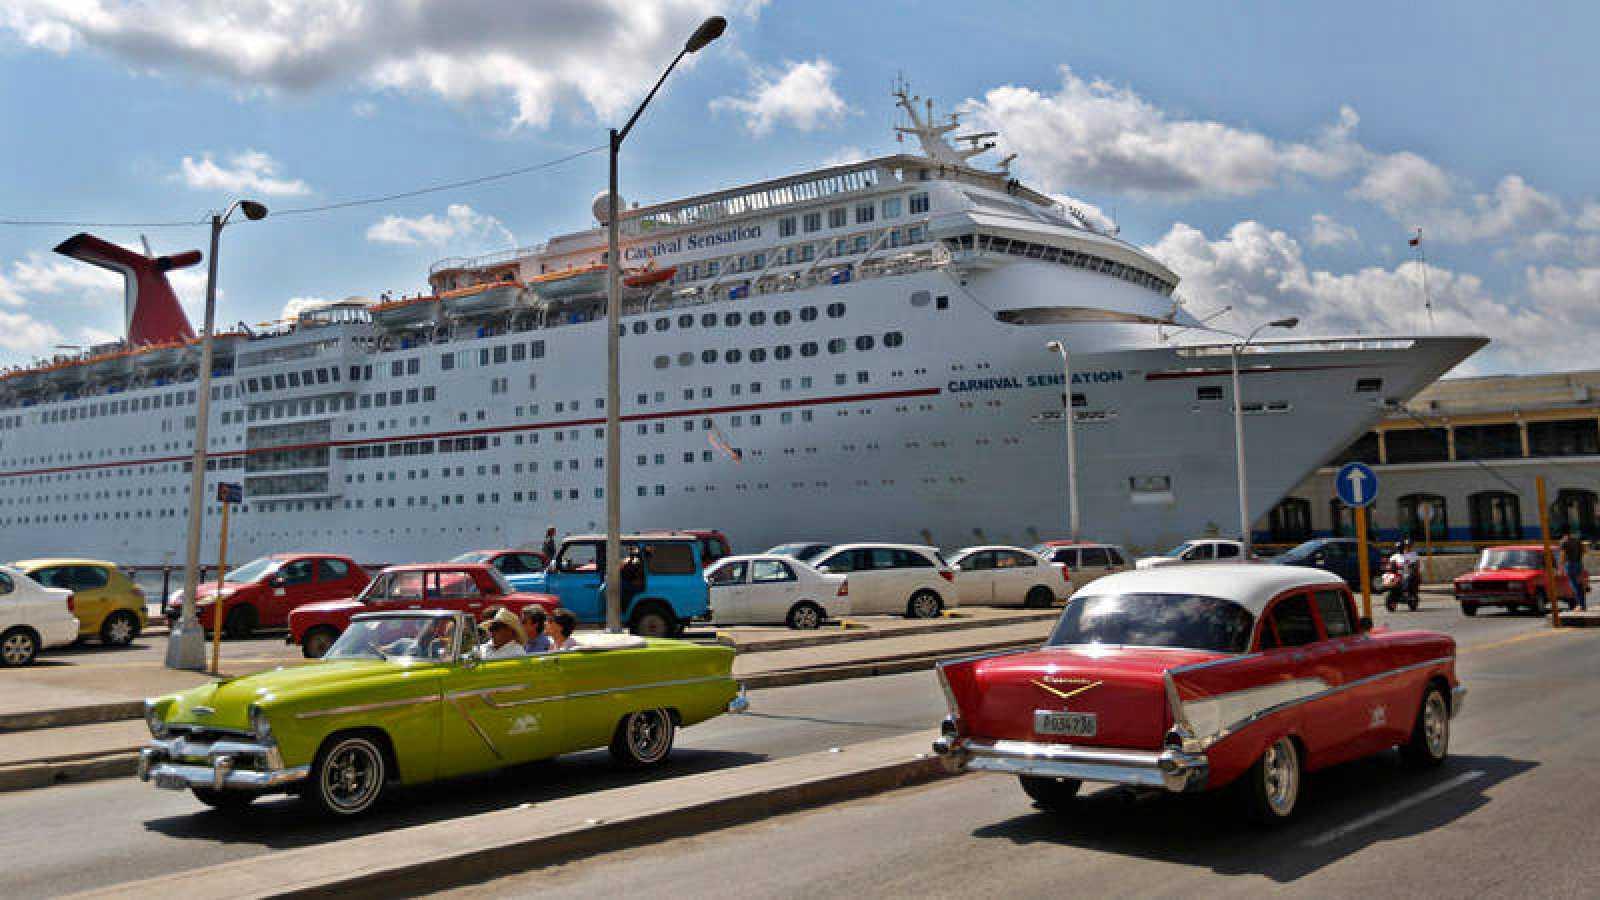 Dos coches estadounidenses clásicos pasan frente a un crucero anclado en el puerto de La Habana